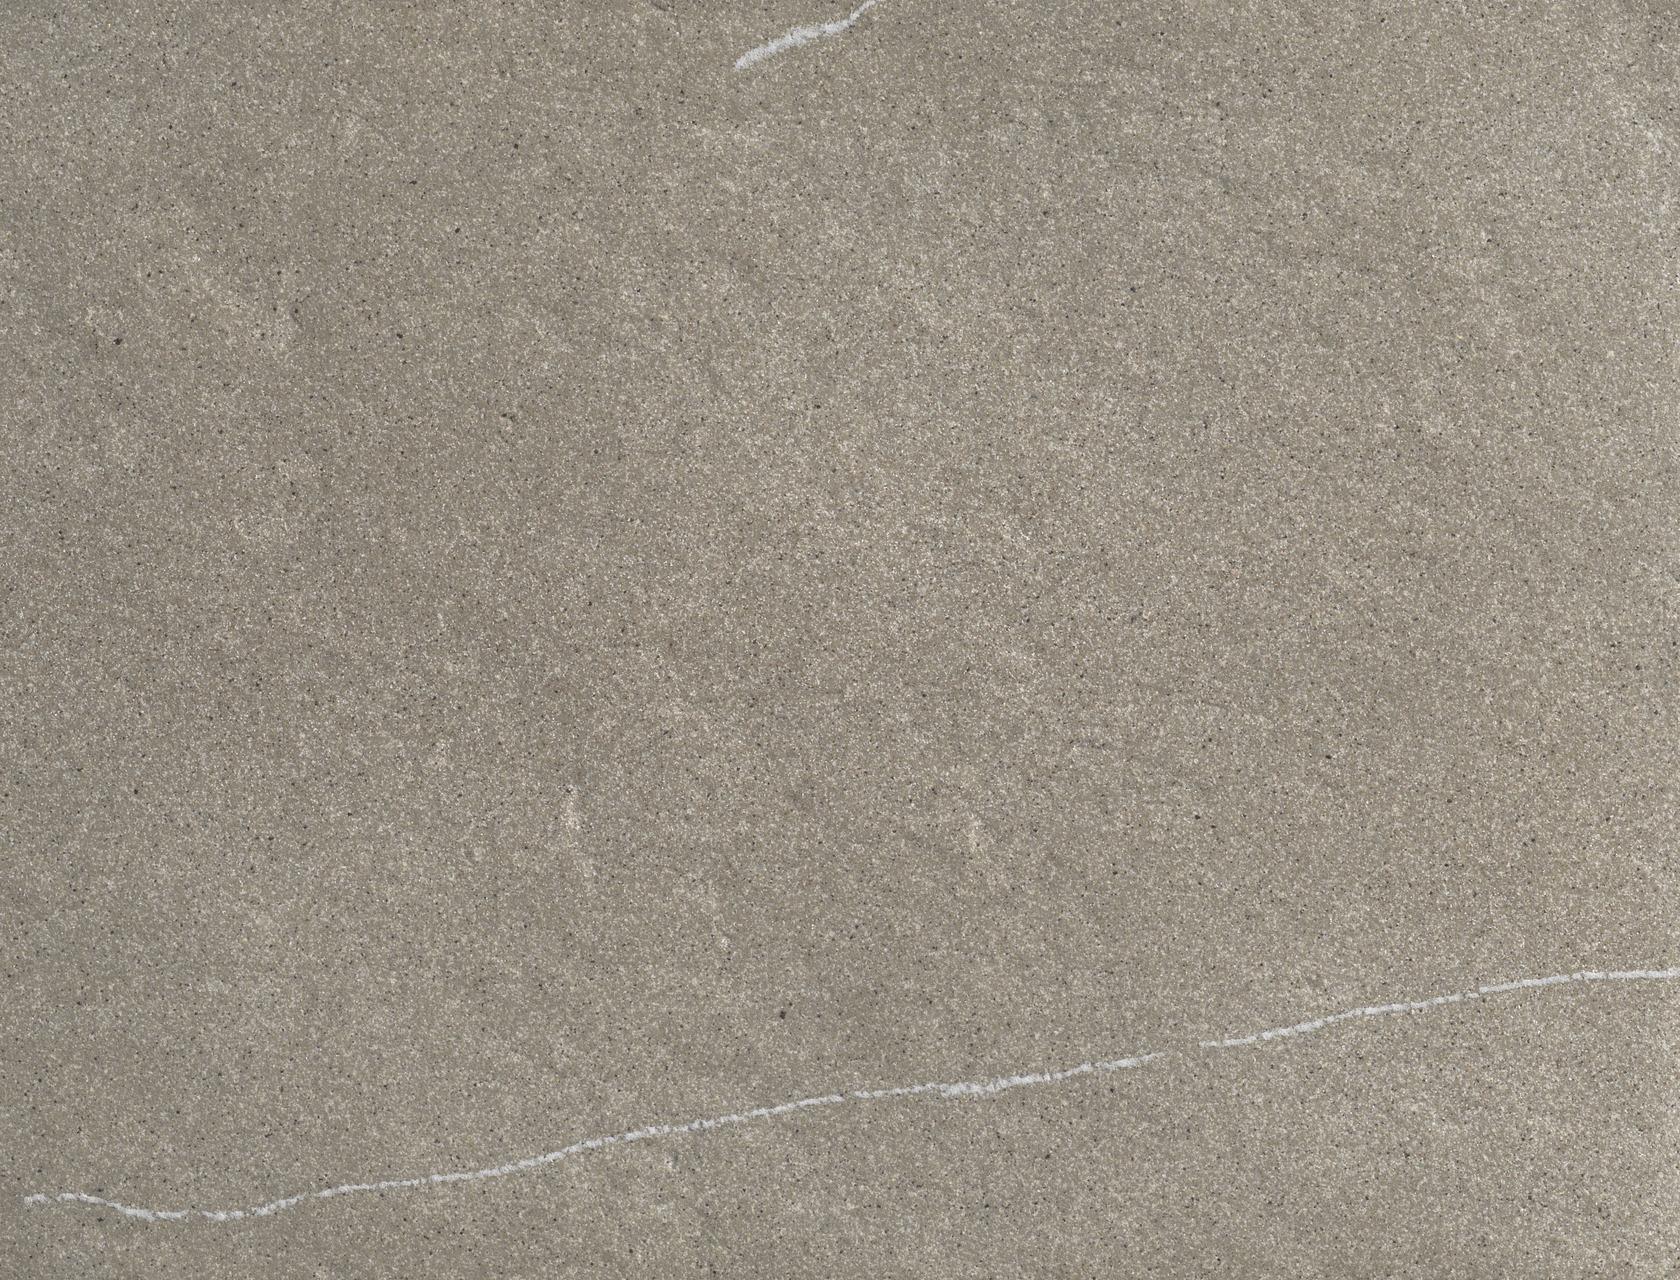 Pietra piasentina fußböden grau steinoptik